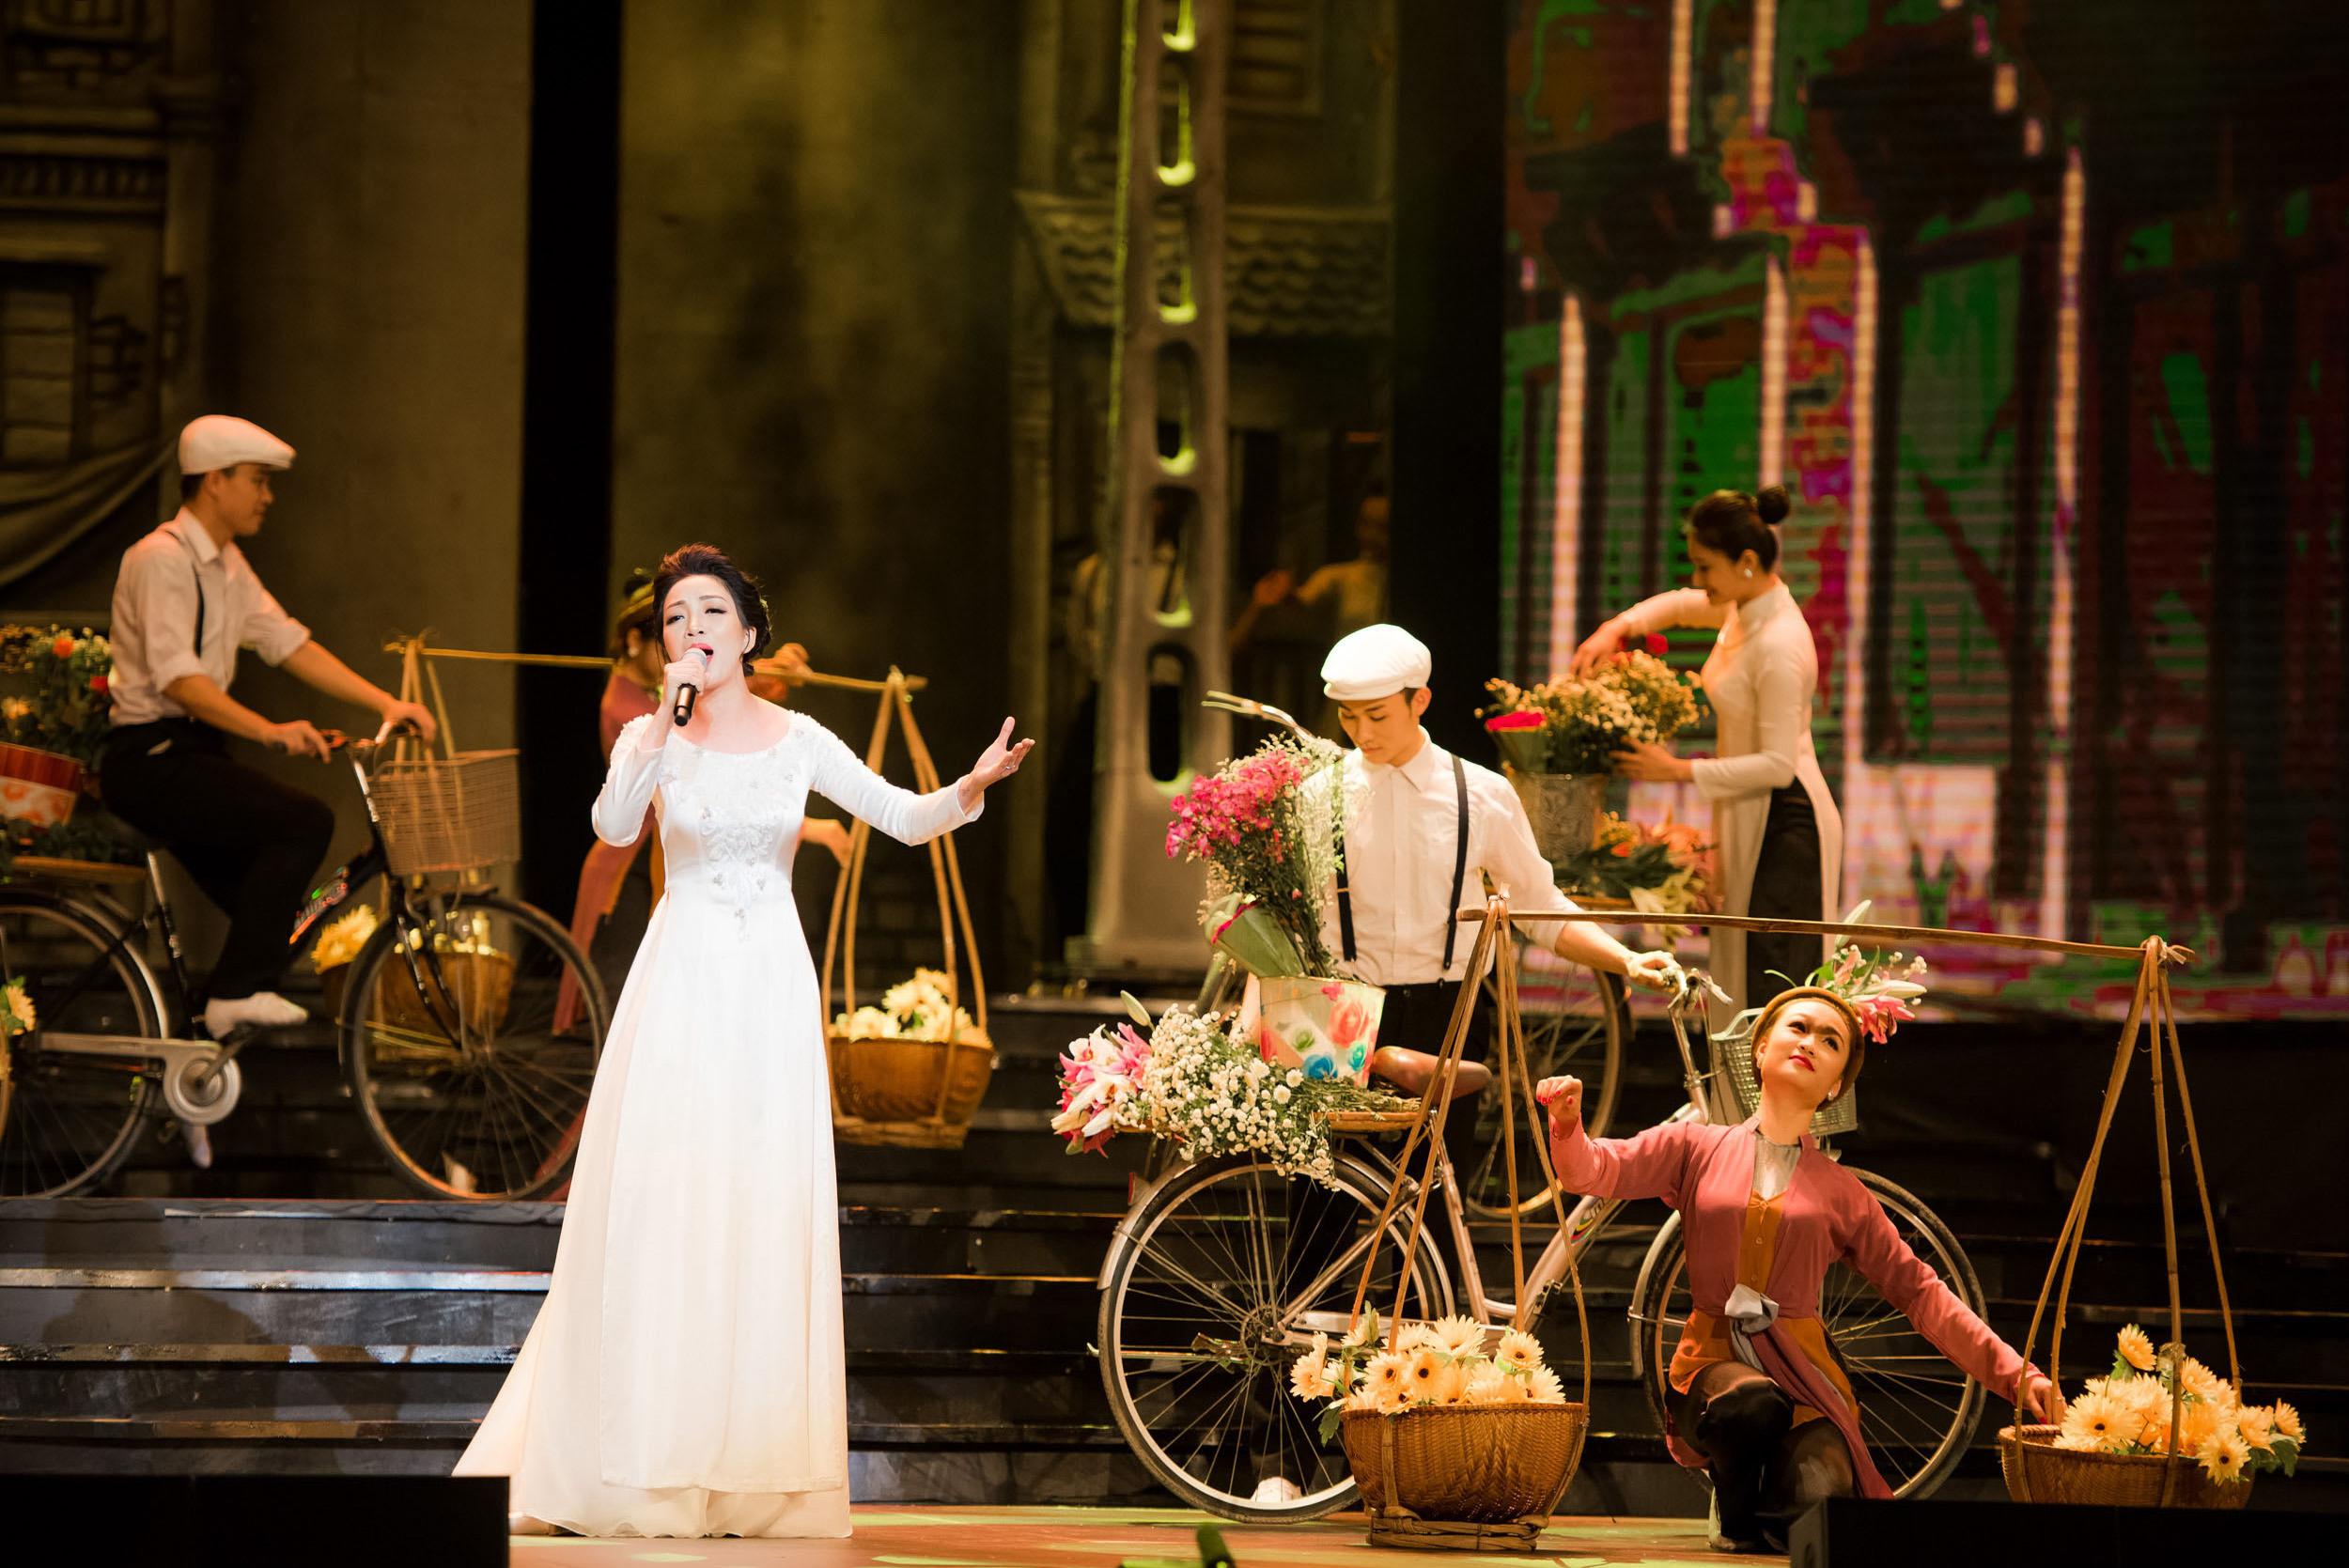 Phạm Thu Hà trở lại sân khấu sau thời gian sang Mỹ làm nhạc 1